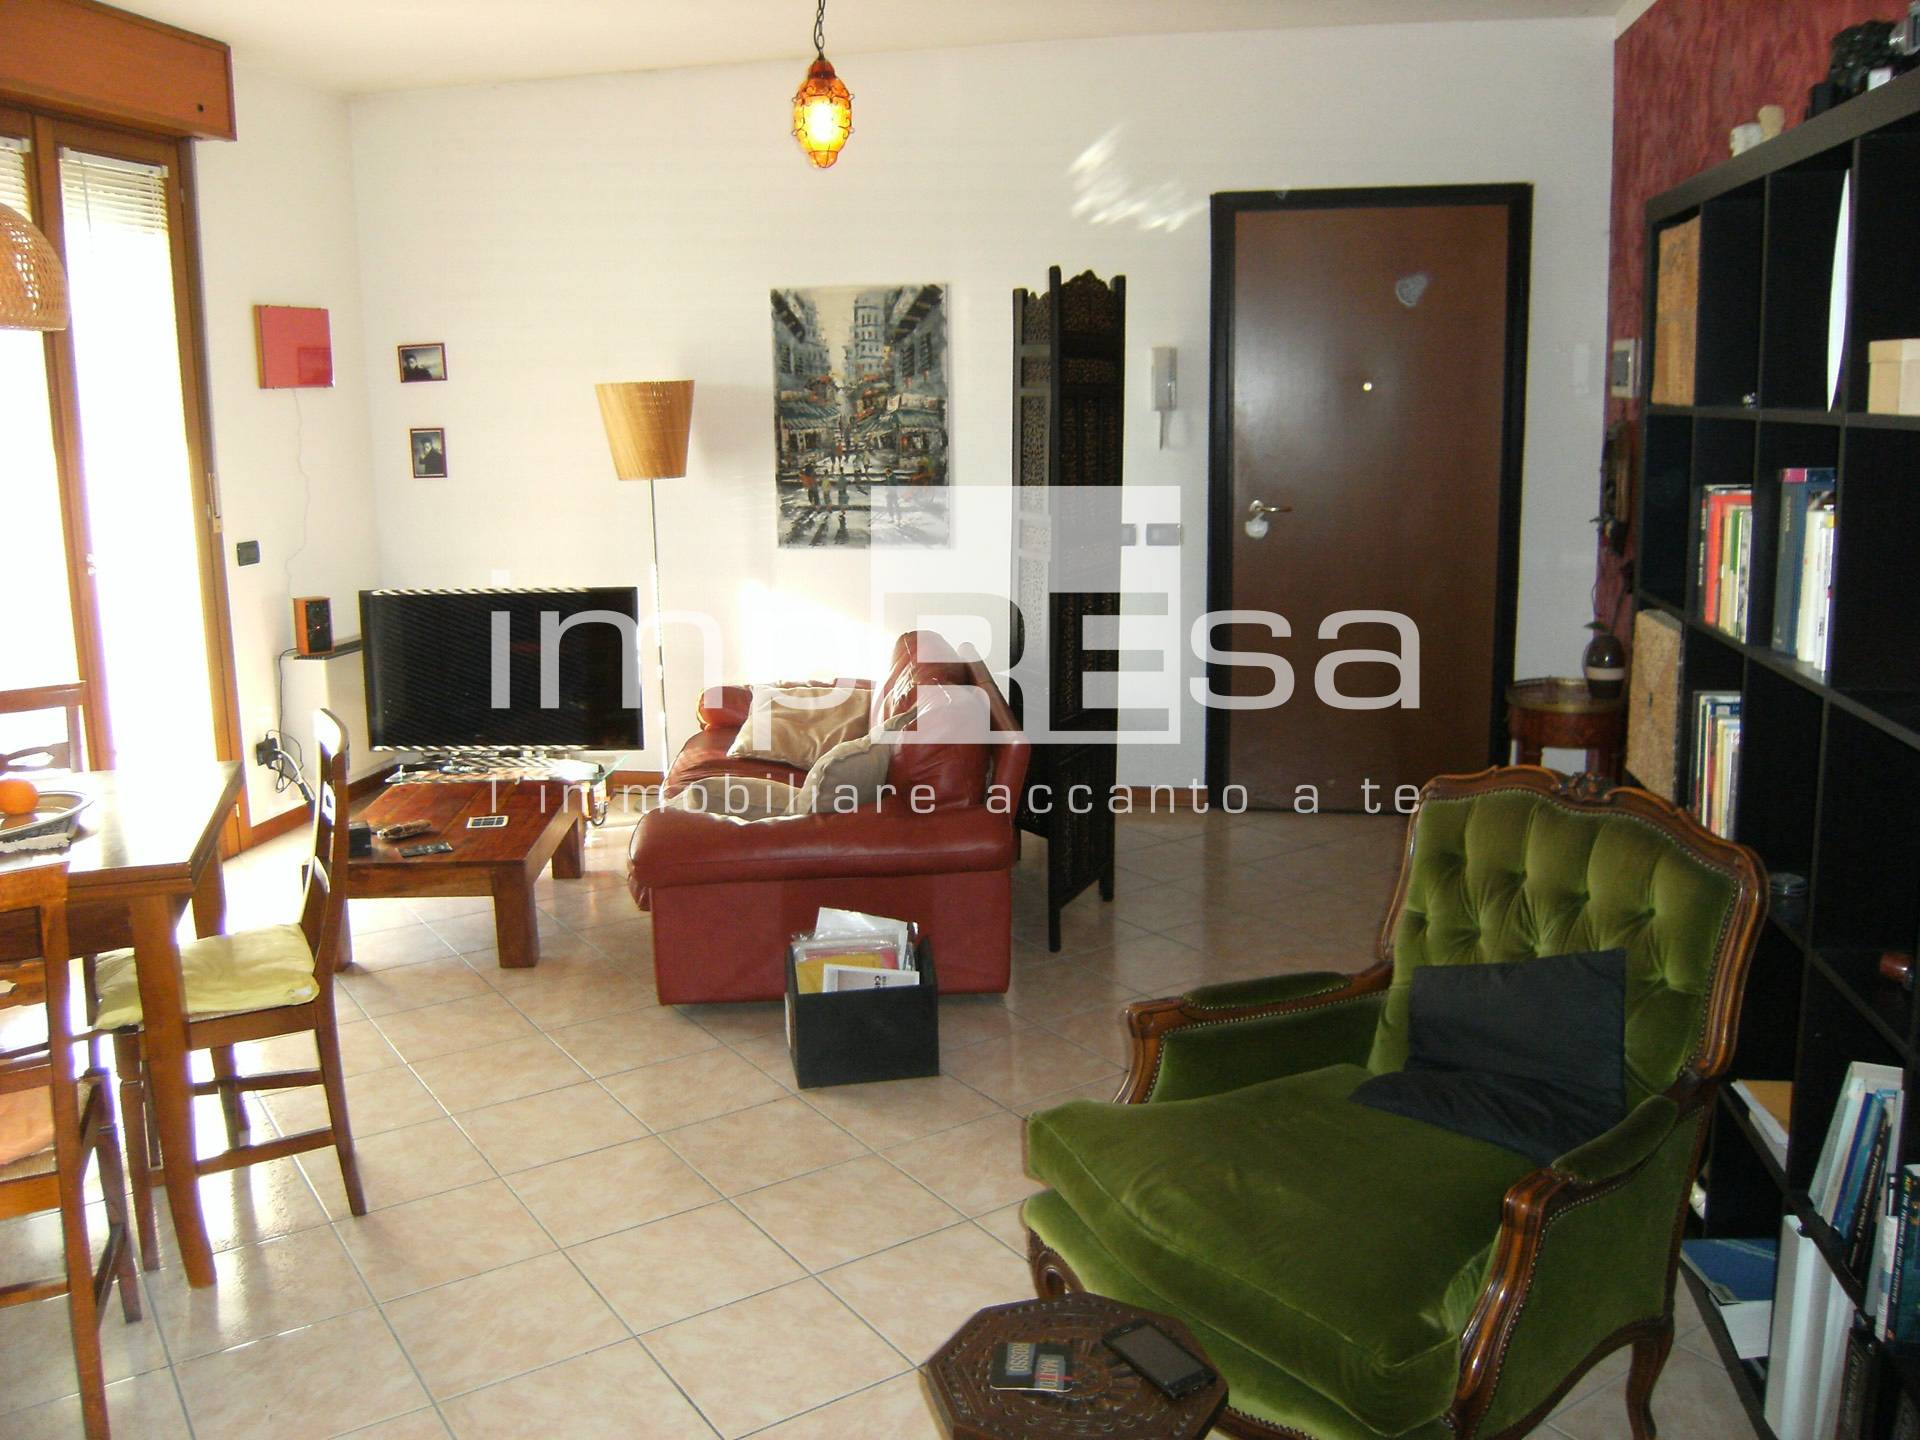 Appartamento in vendita a Maserada sul Piave, 5 locali, zona Località: Maserada, prezzo € 99.000   PortaleAgenzieImmobiliari.it